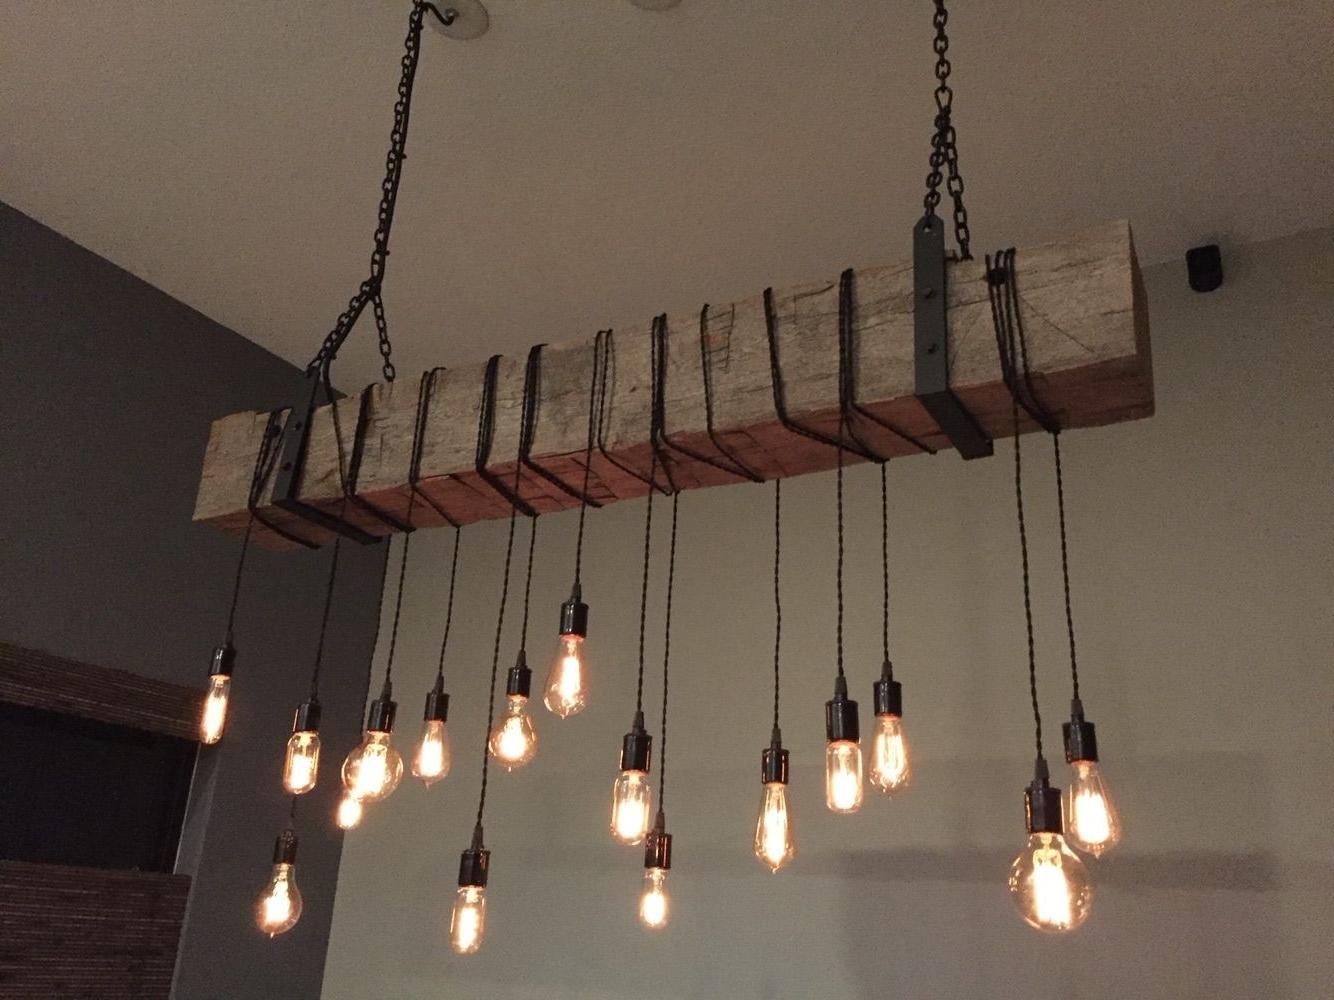 Latest Chandelier For Restaurant Intended For Buy A Custom Reclaimed Barn Beam Chandelier Light Fixture (View 9 of 15)